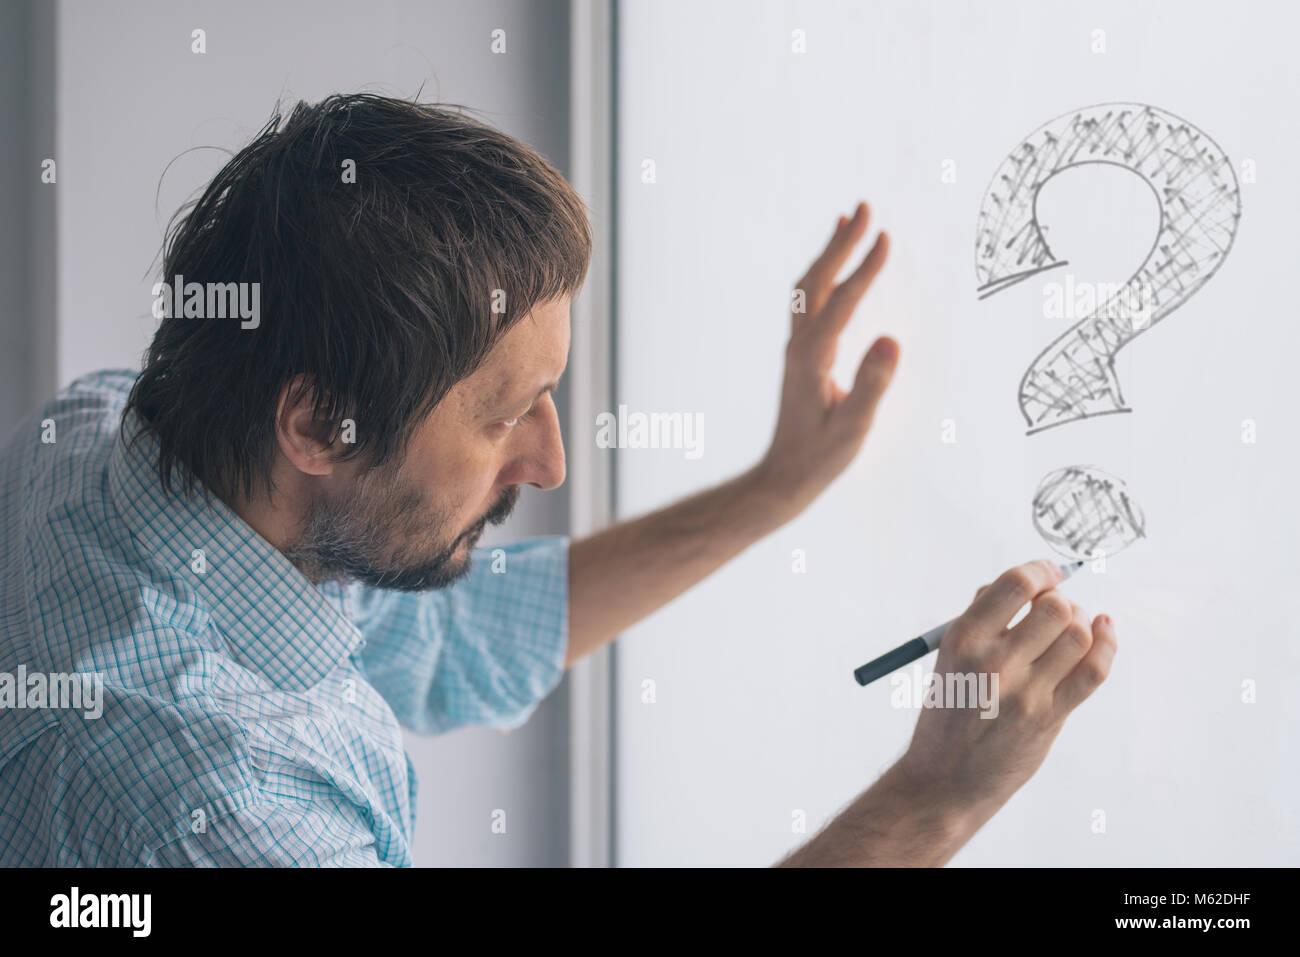 Perplejos, empresario de interrogación de dibujo en pizarra en la oficina, el enfoque selectivo Imagen De Stock